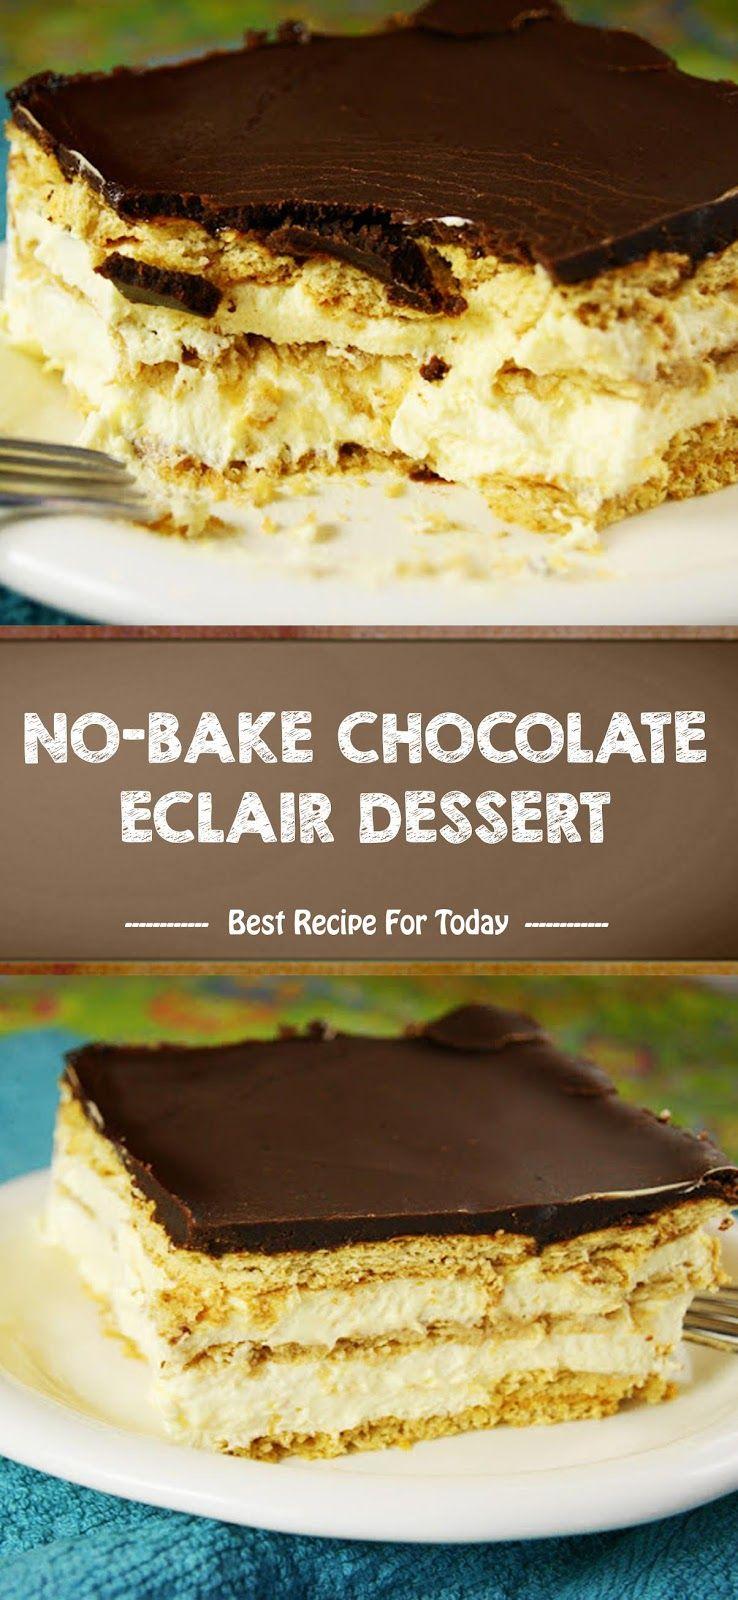 No Bake Chocolate Eclair Dessert Hidangan Penutup Memanggang Kue Resep Makanan Penutup